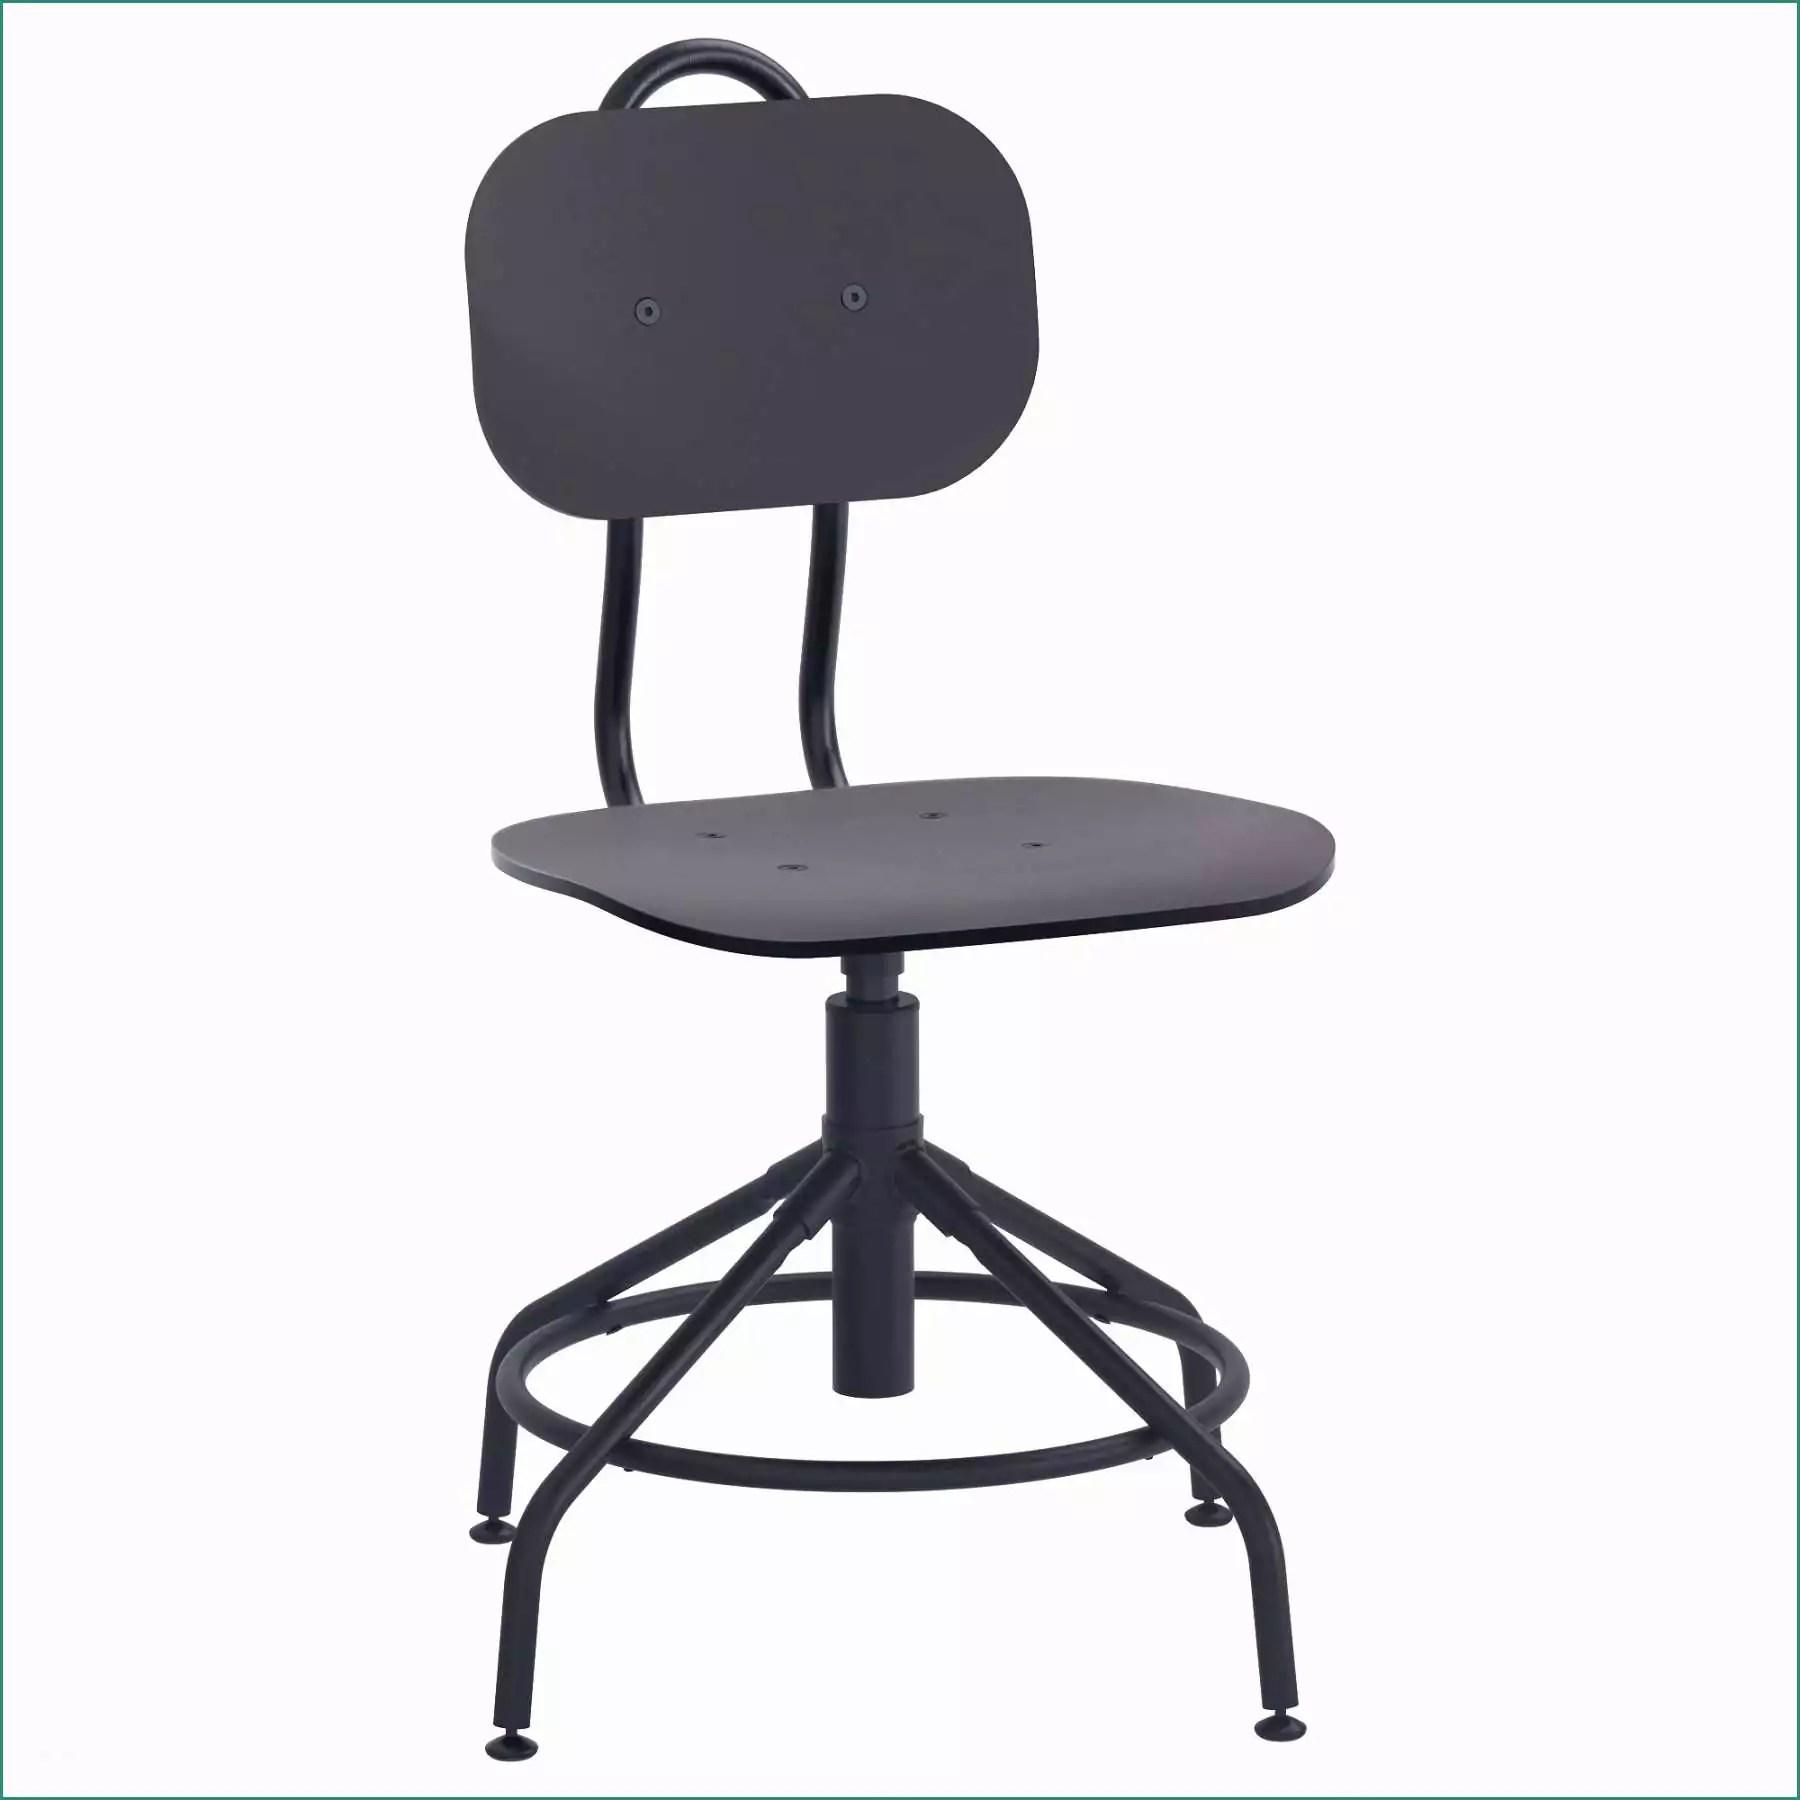 Scopri le ultime promozioni e sconti di sedie negli armadi da marchi top. Sedie Ufficio Centro Convenienza New York Annamariespizza Com